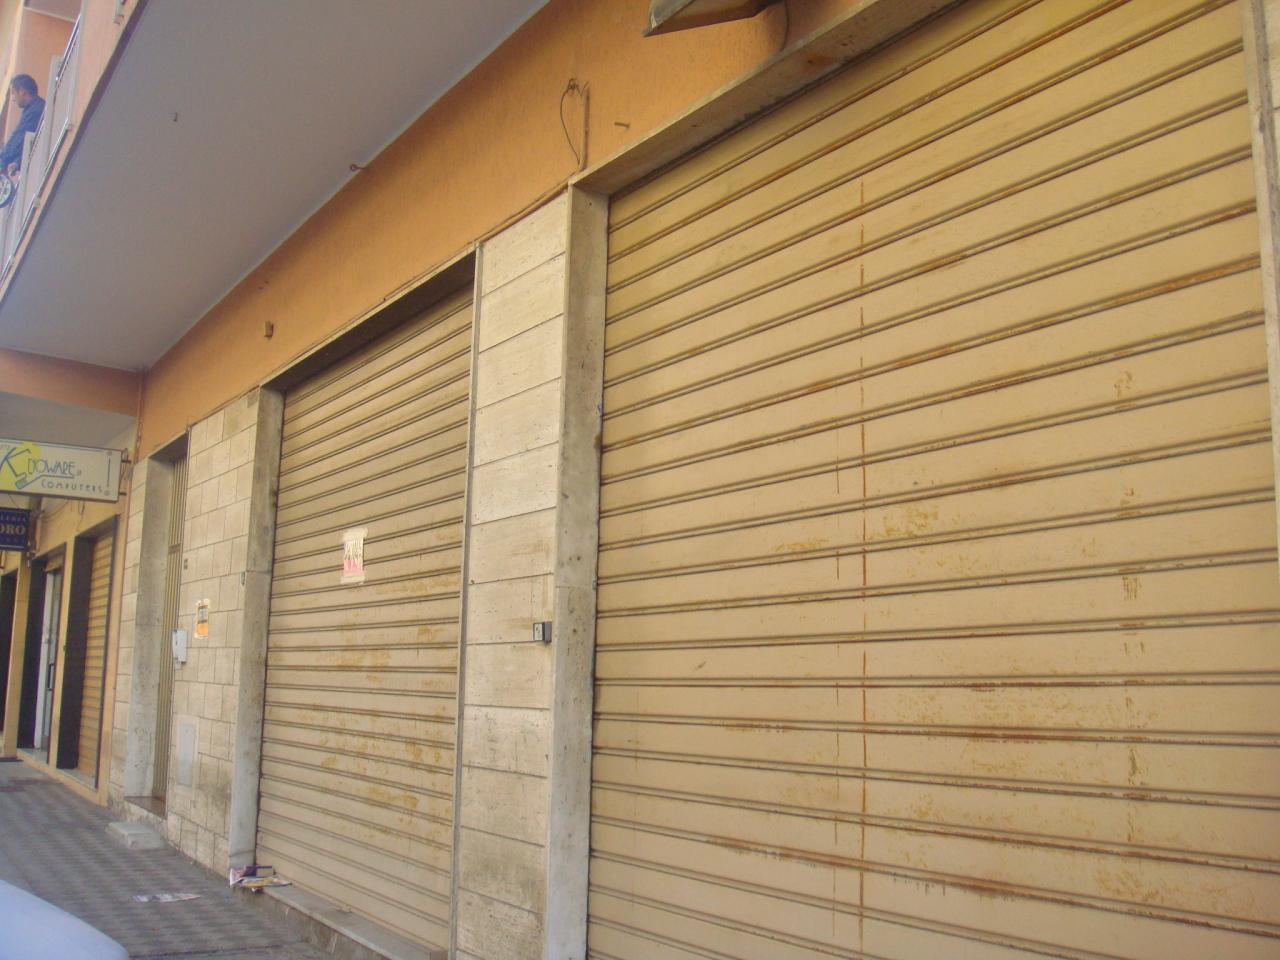 Capannone in affitto a Reggio Calabria, 1 locali, prezzo € 450 | Cambio Casa.it